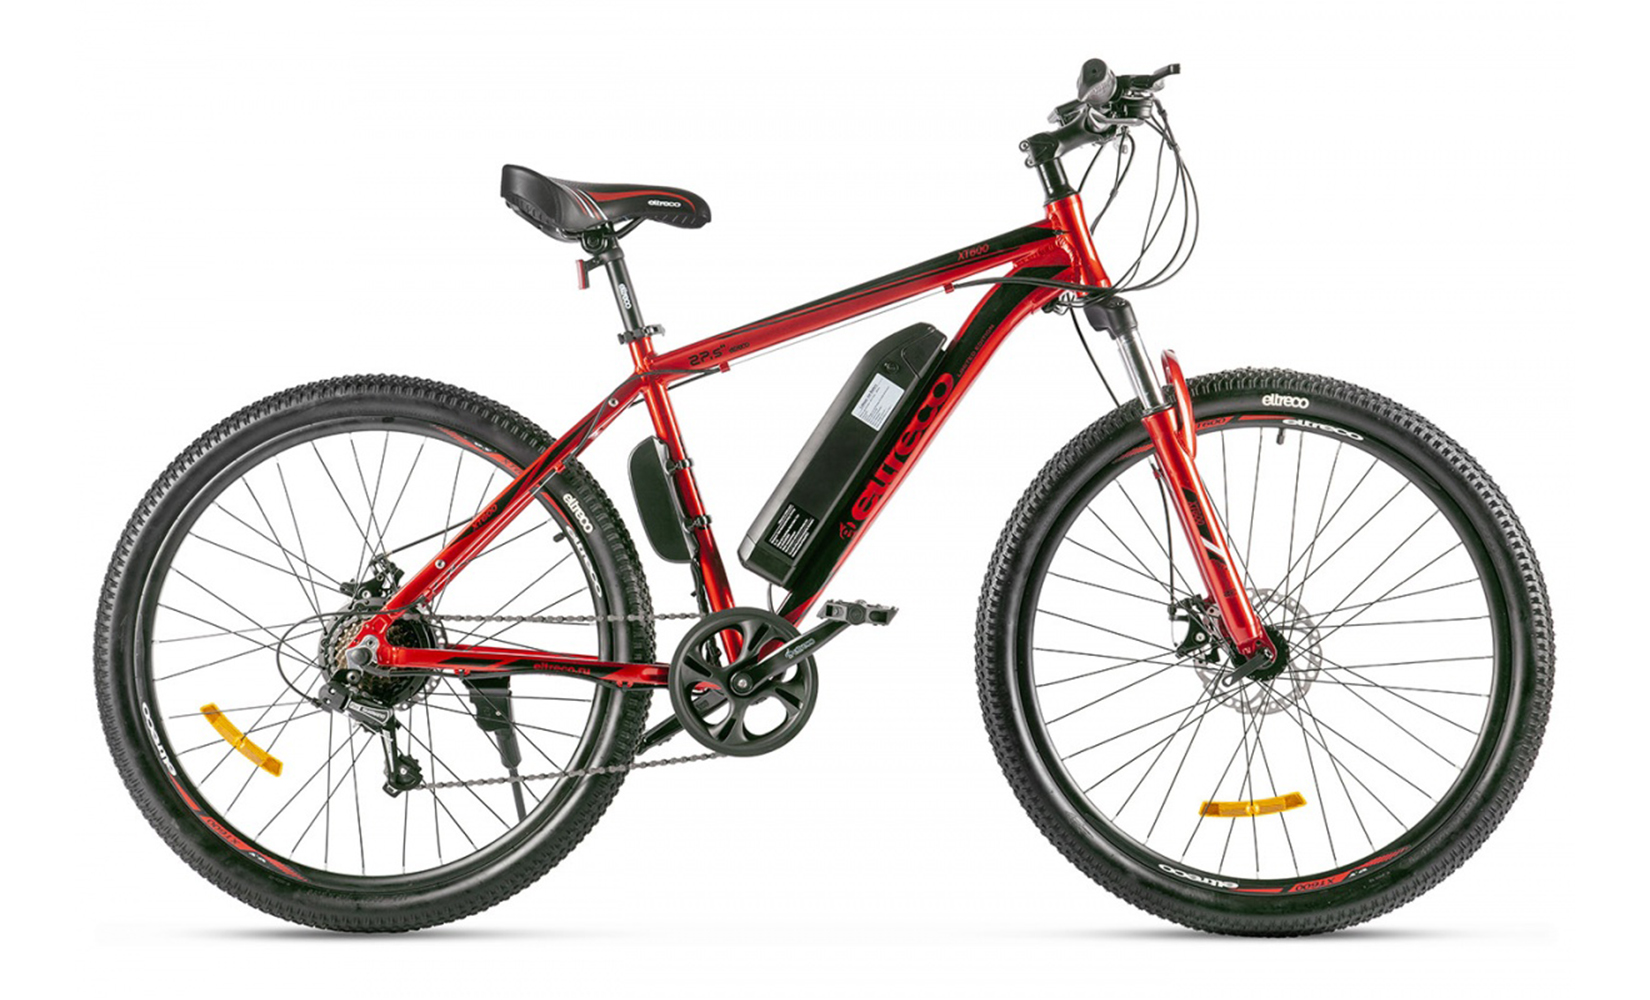 Электровелосипед Eltreco XT 600 Limited edition (2020) (Красный)